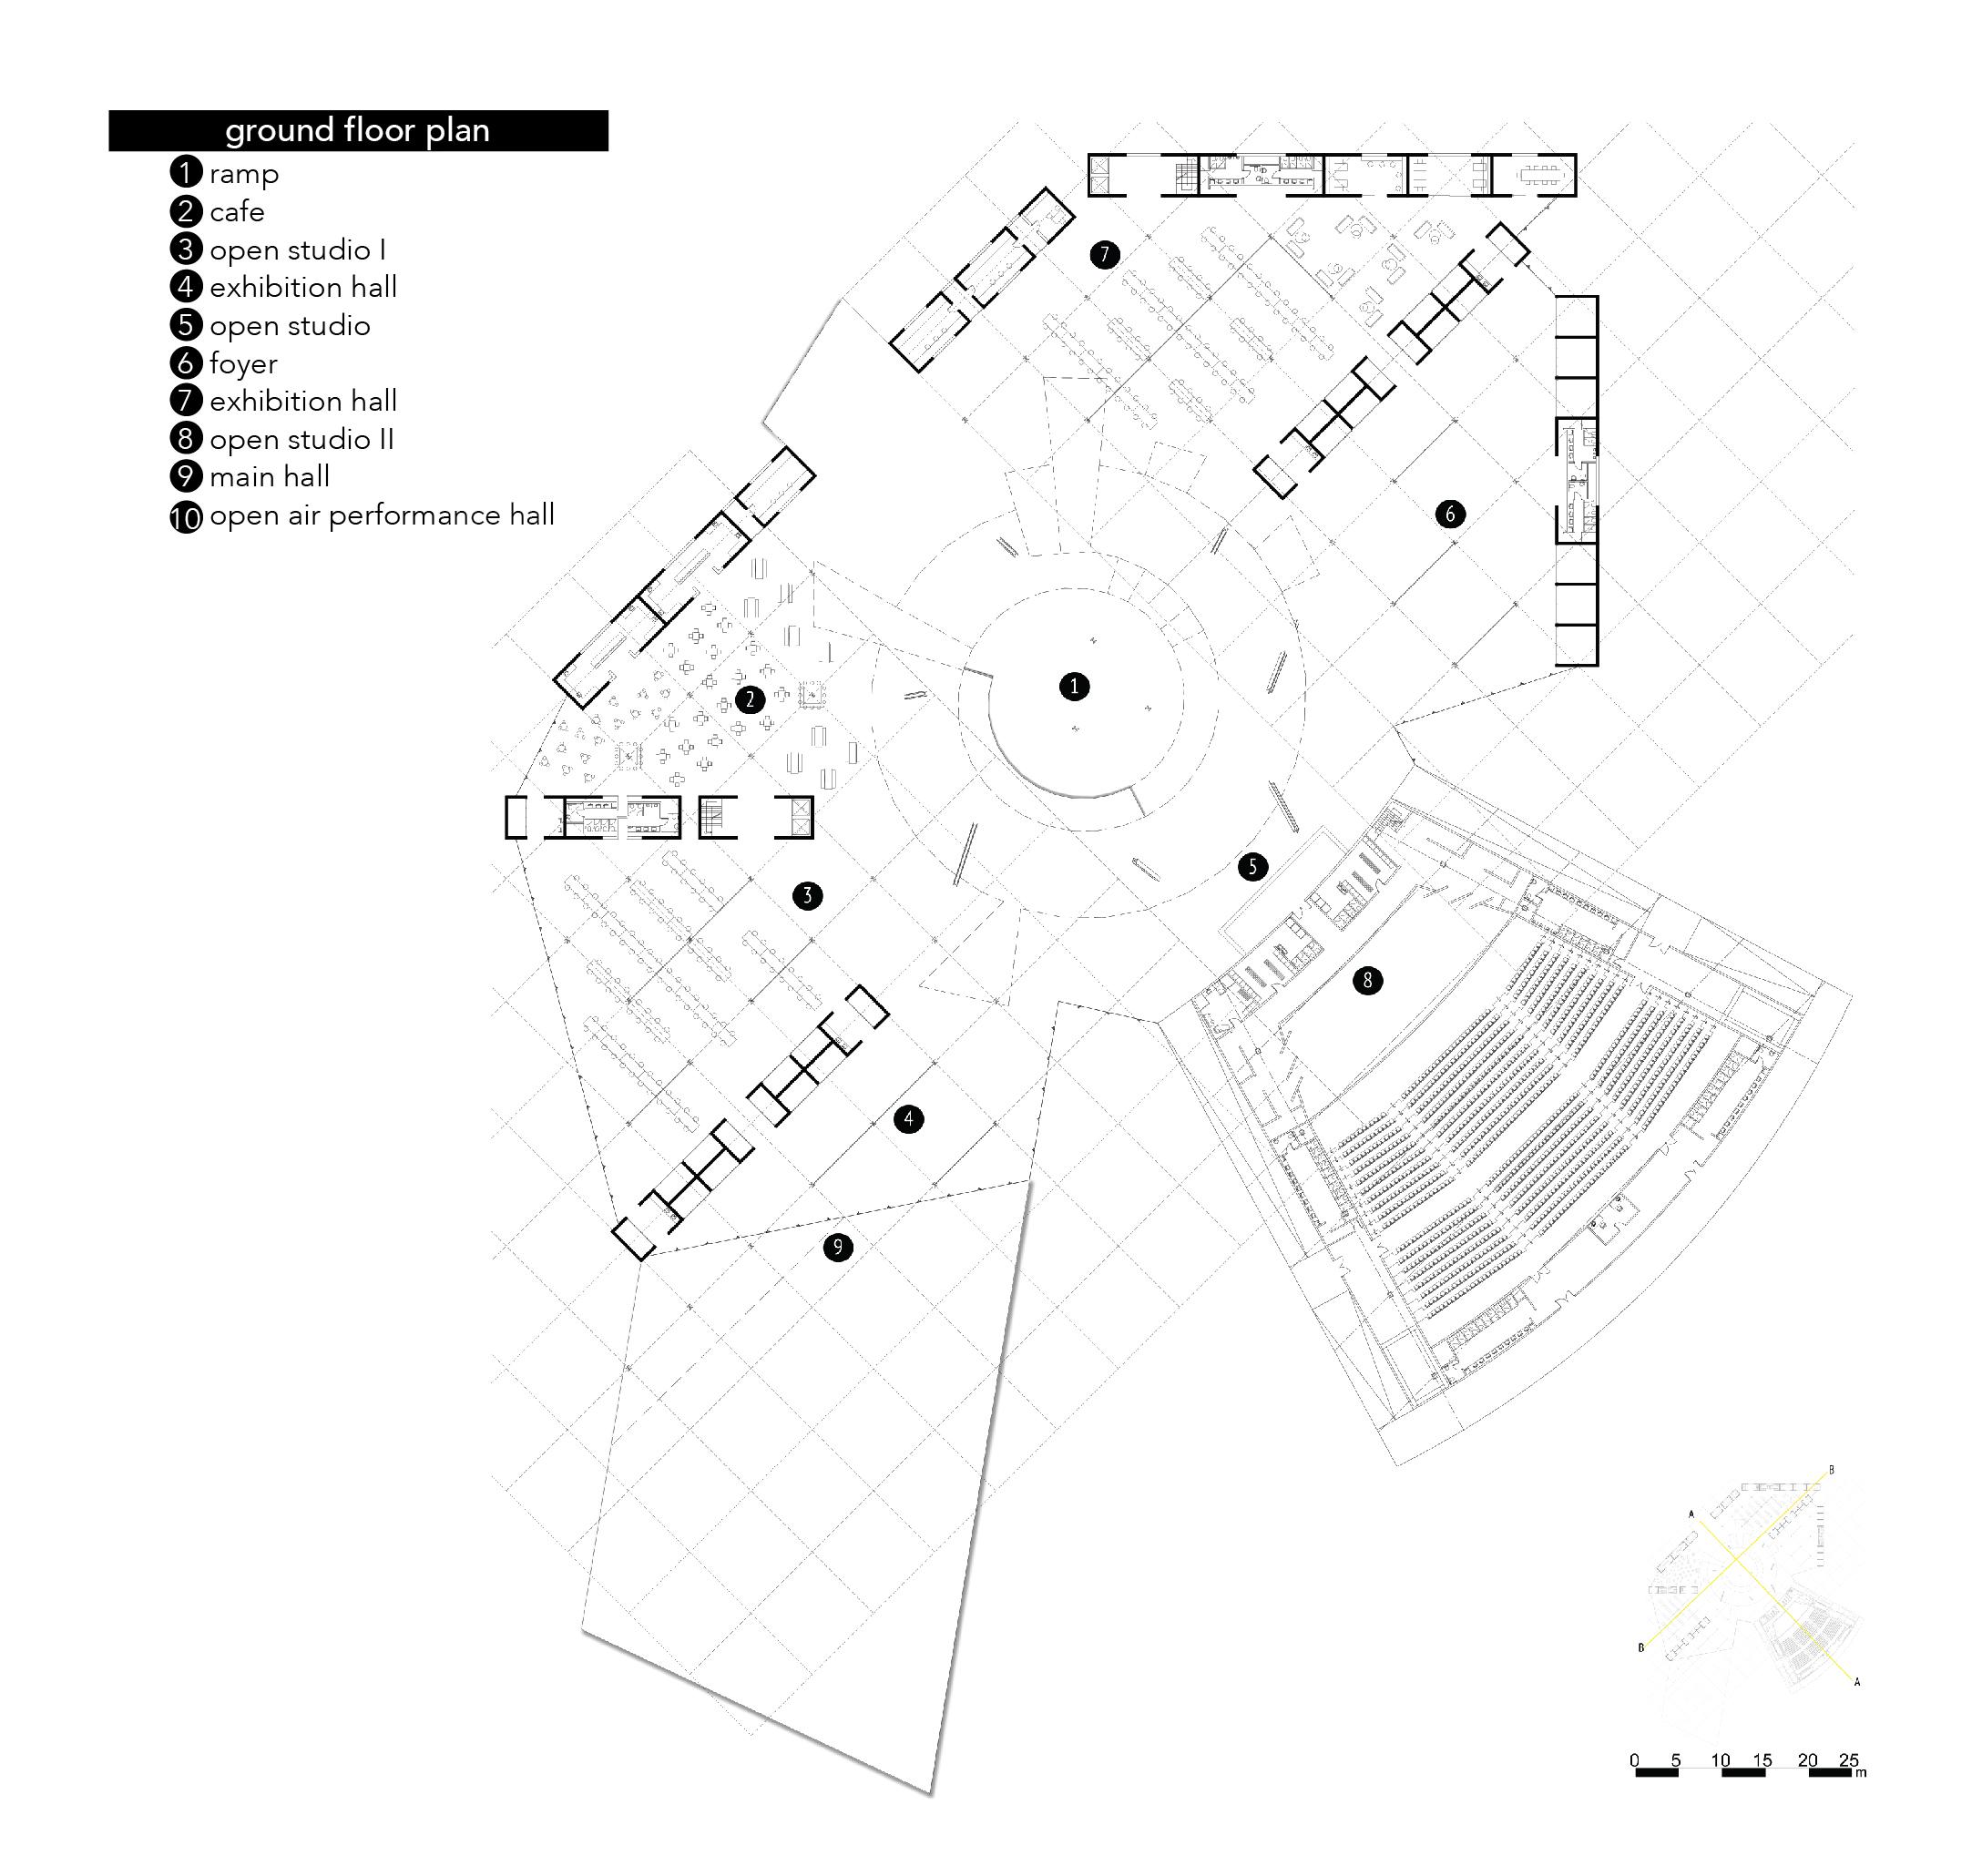 effectus-diagram-01.jpg